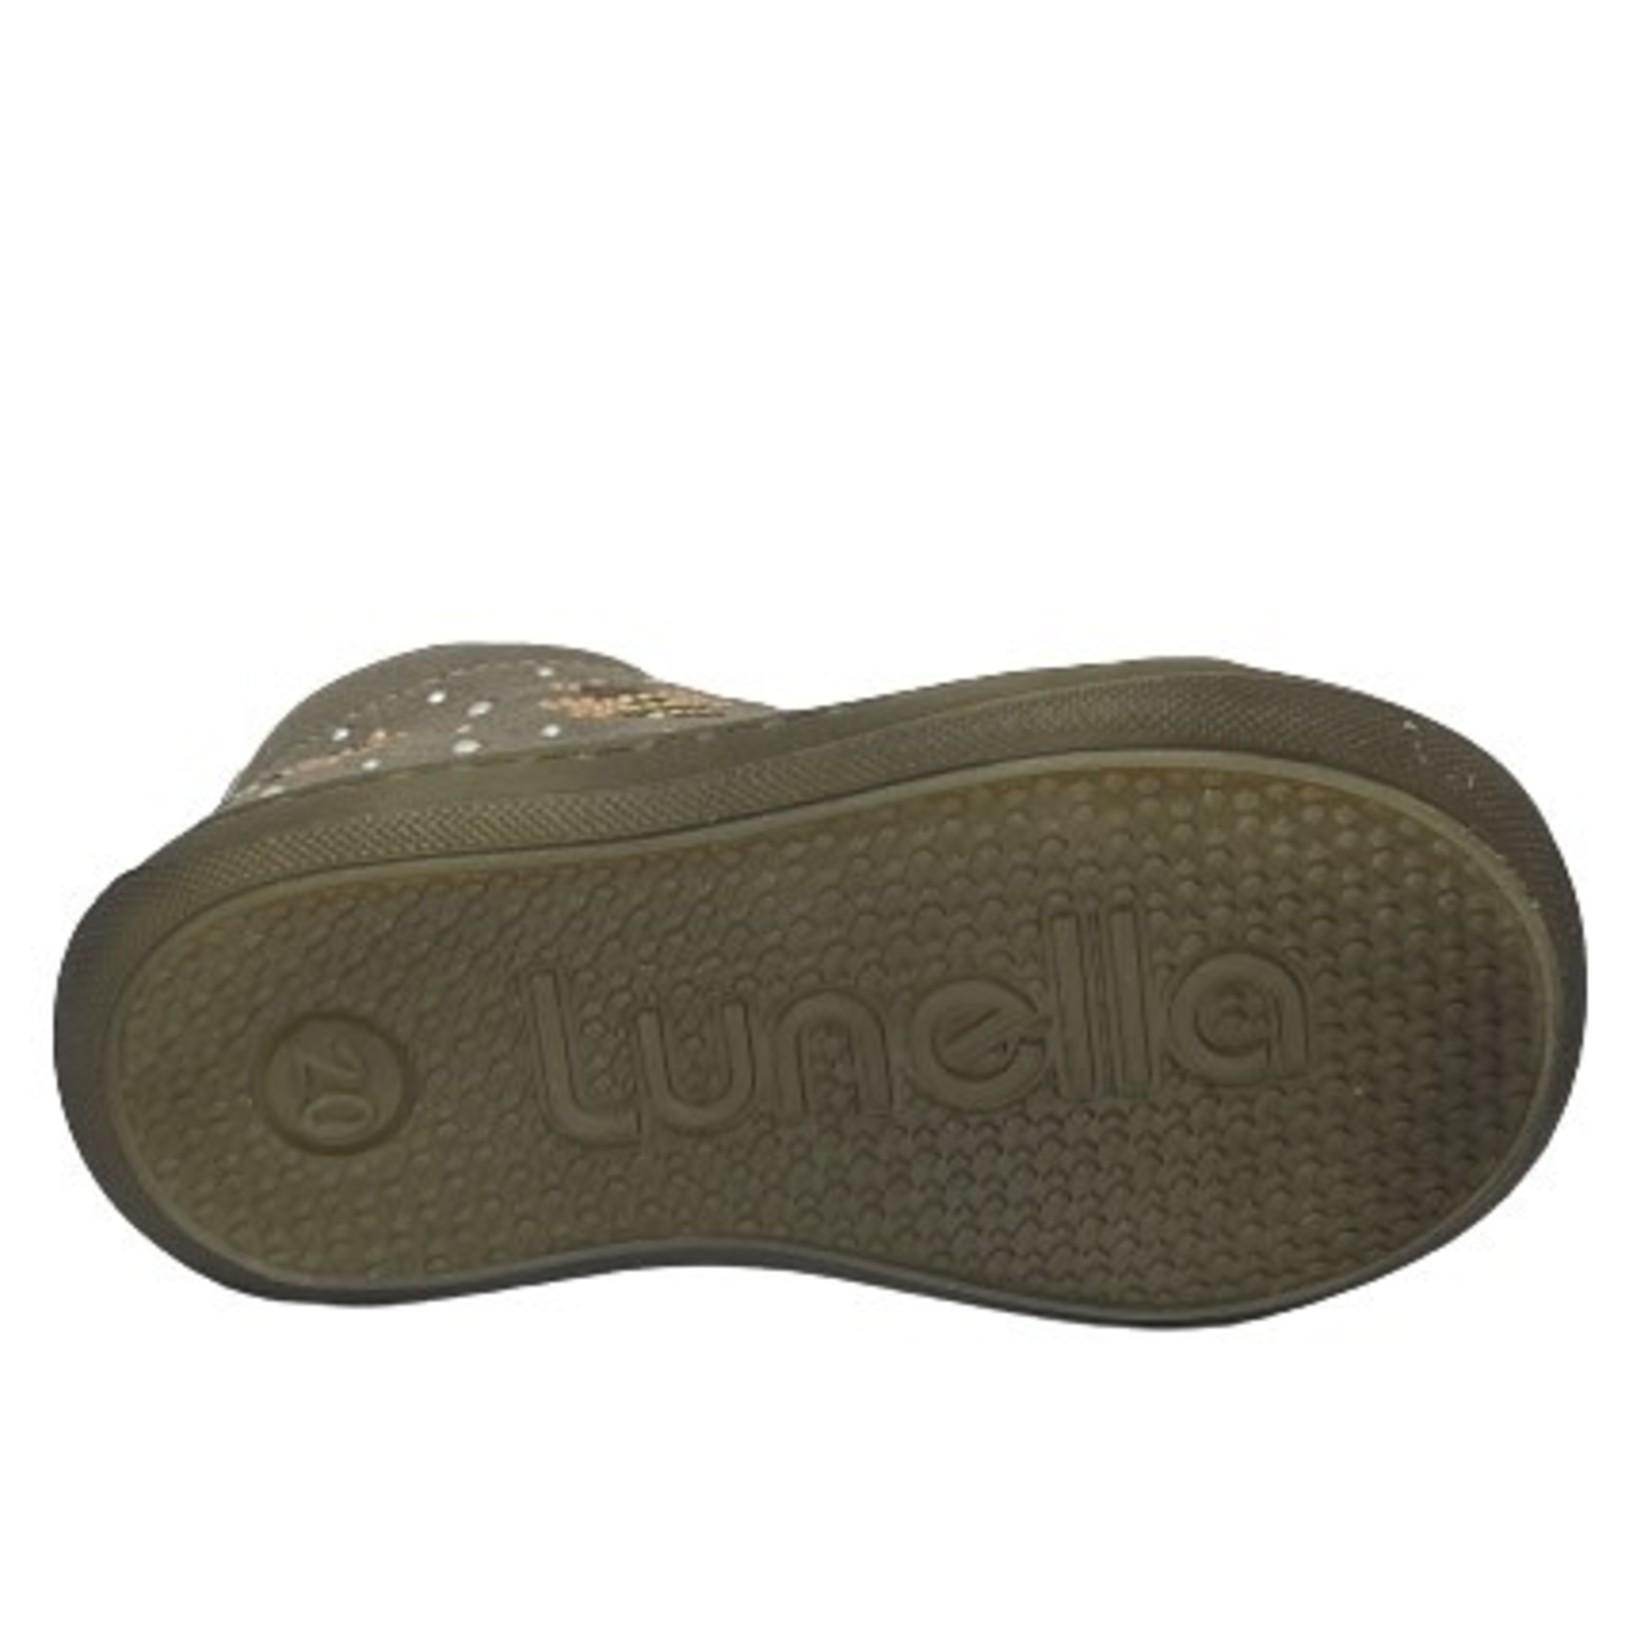 Lunella Lunella Hoge schoen Beige/vlinder